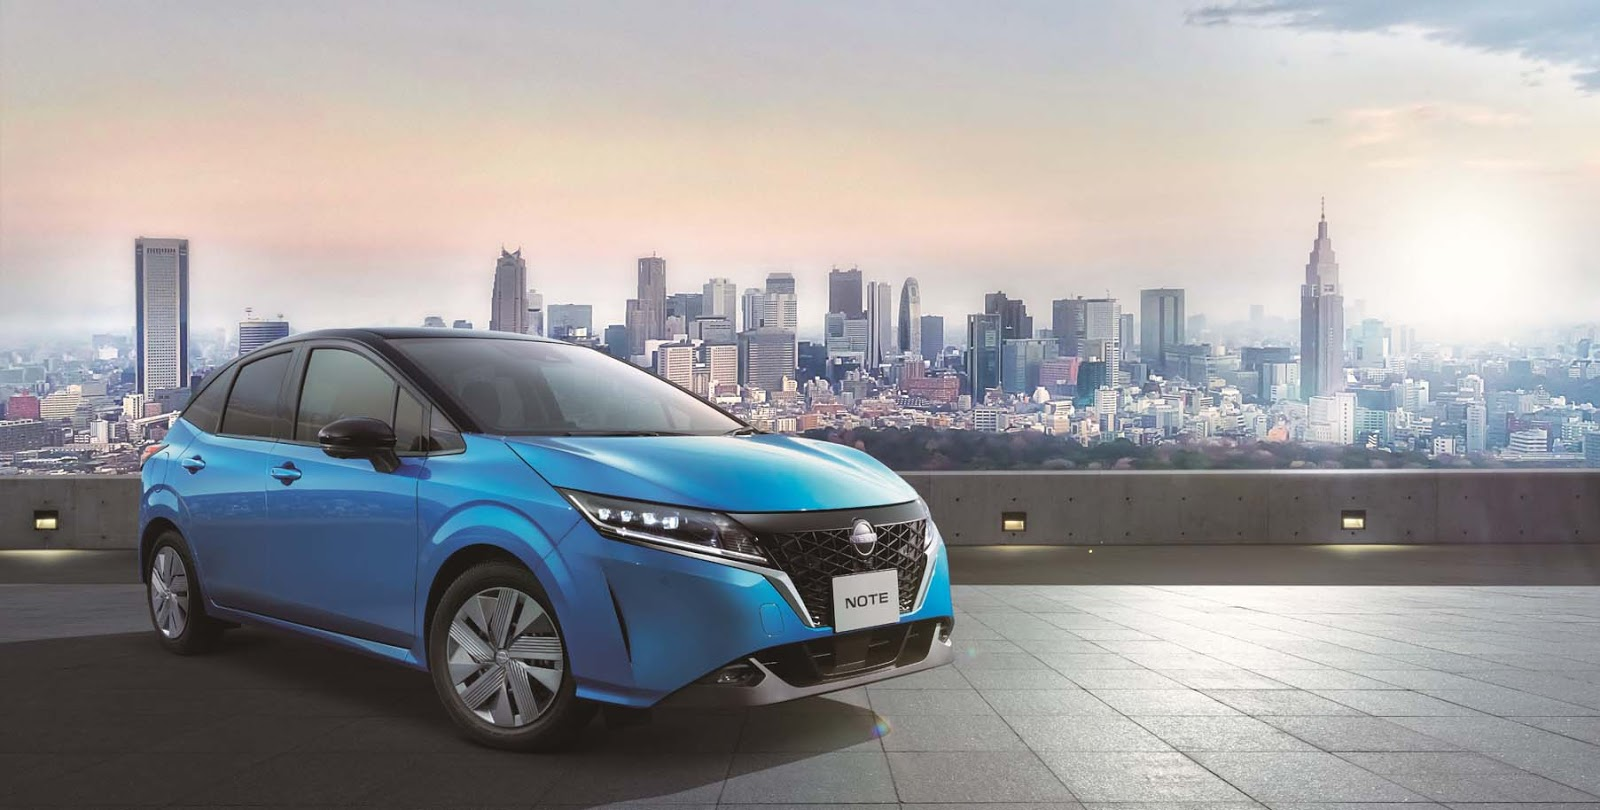 201124 01 007 Η Nissan λανσάρει το ολοκαίνουργιο NOTE στην Ιαπωνία Electric cars, electric vehicles, EV, Nissan, Nissan Note, Note, ειδήσεις, καινούργιο, καινούρια, καινούριο